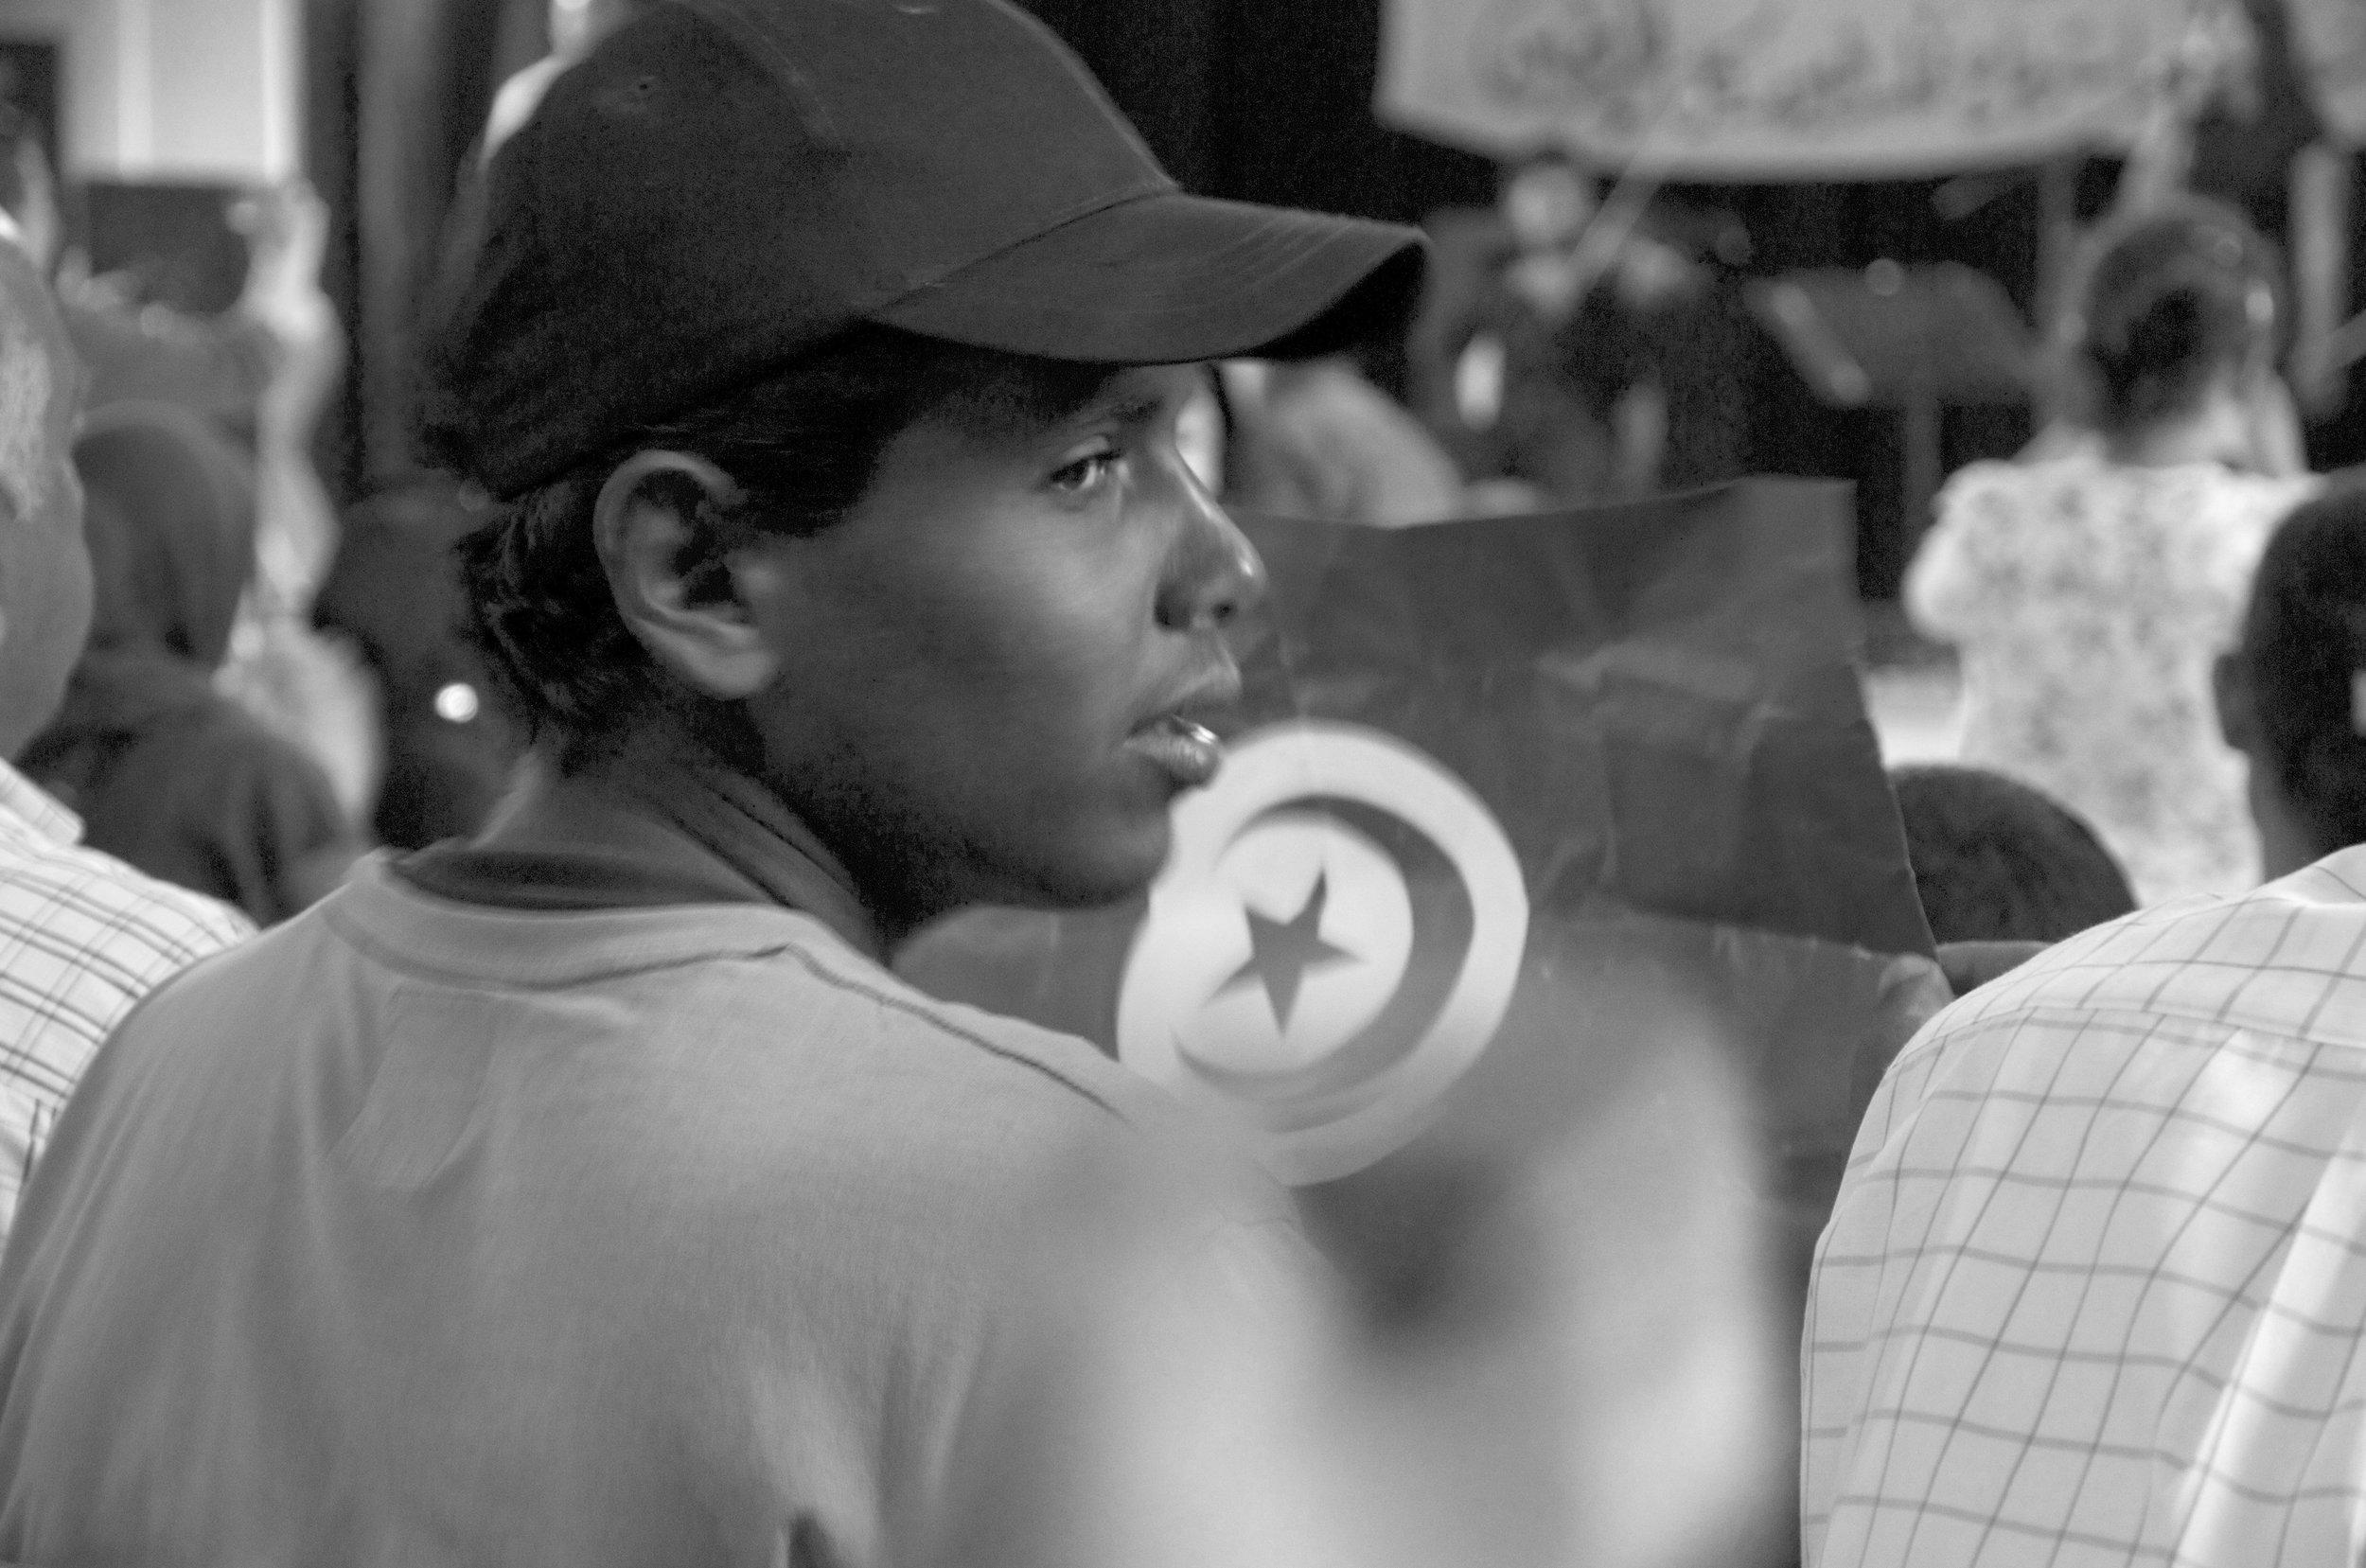 Flag, Jerjiss, Tunisie, photographie numérique, 2011